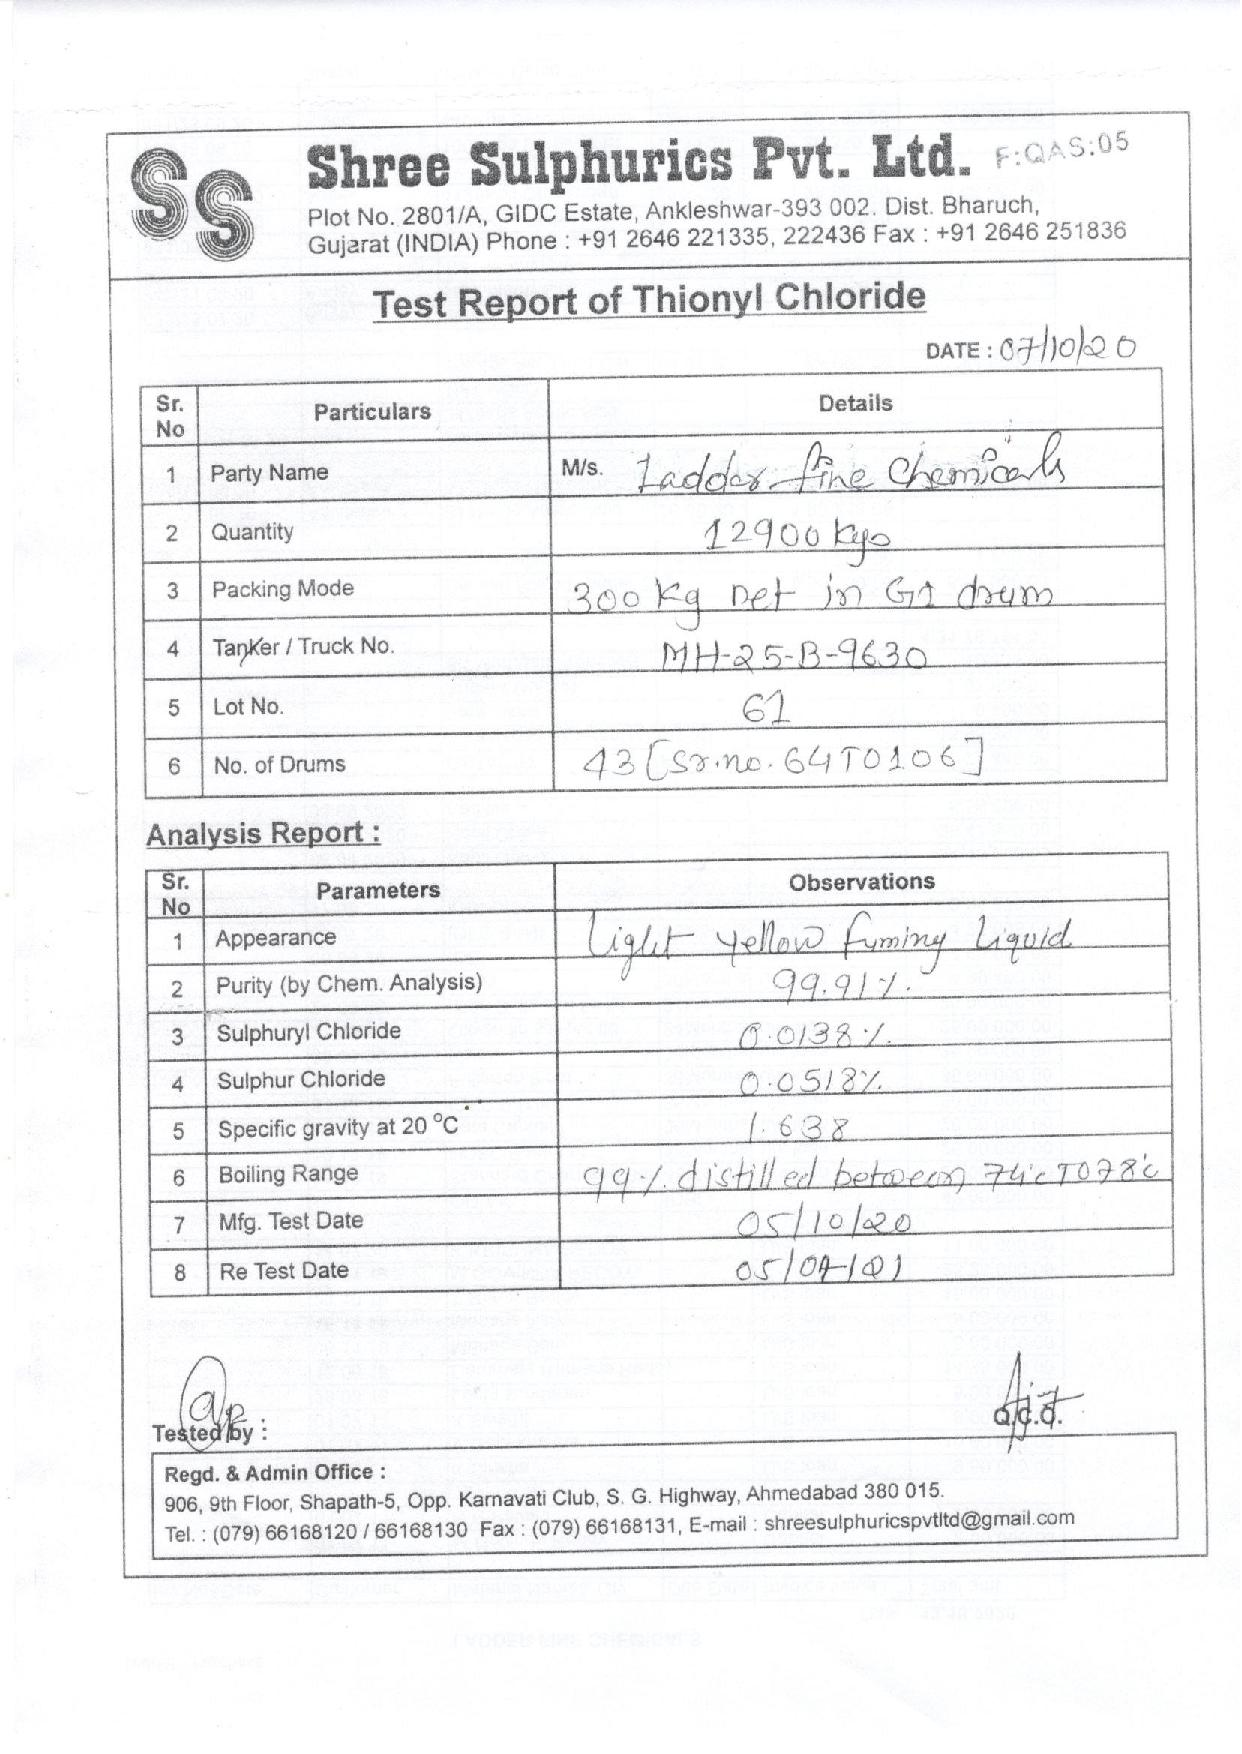 Thionyl Chloride   Ladder Fine Chemicals   Thionyl chloride, CAS 7719-09-7, THIONYL CHLORIDE SUPPLIERS FROM HYDERABAD, THIONYL CHLORIDE SUPPLIERS FROM A.P & TELANGANA - GL80774